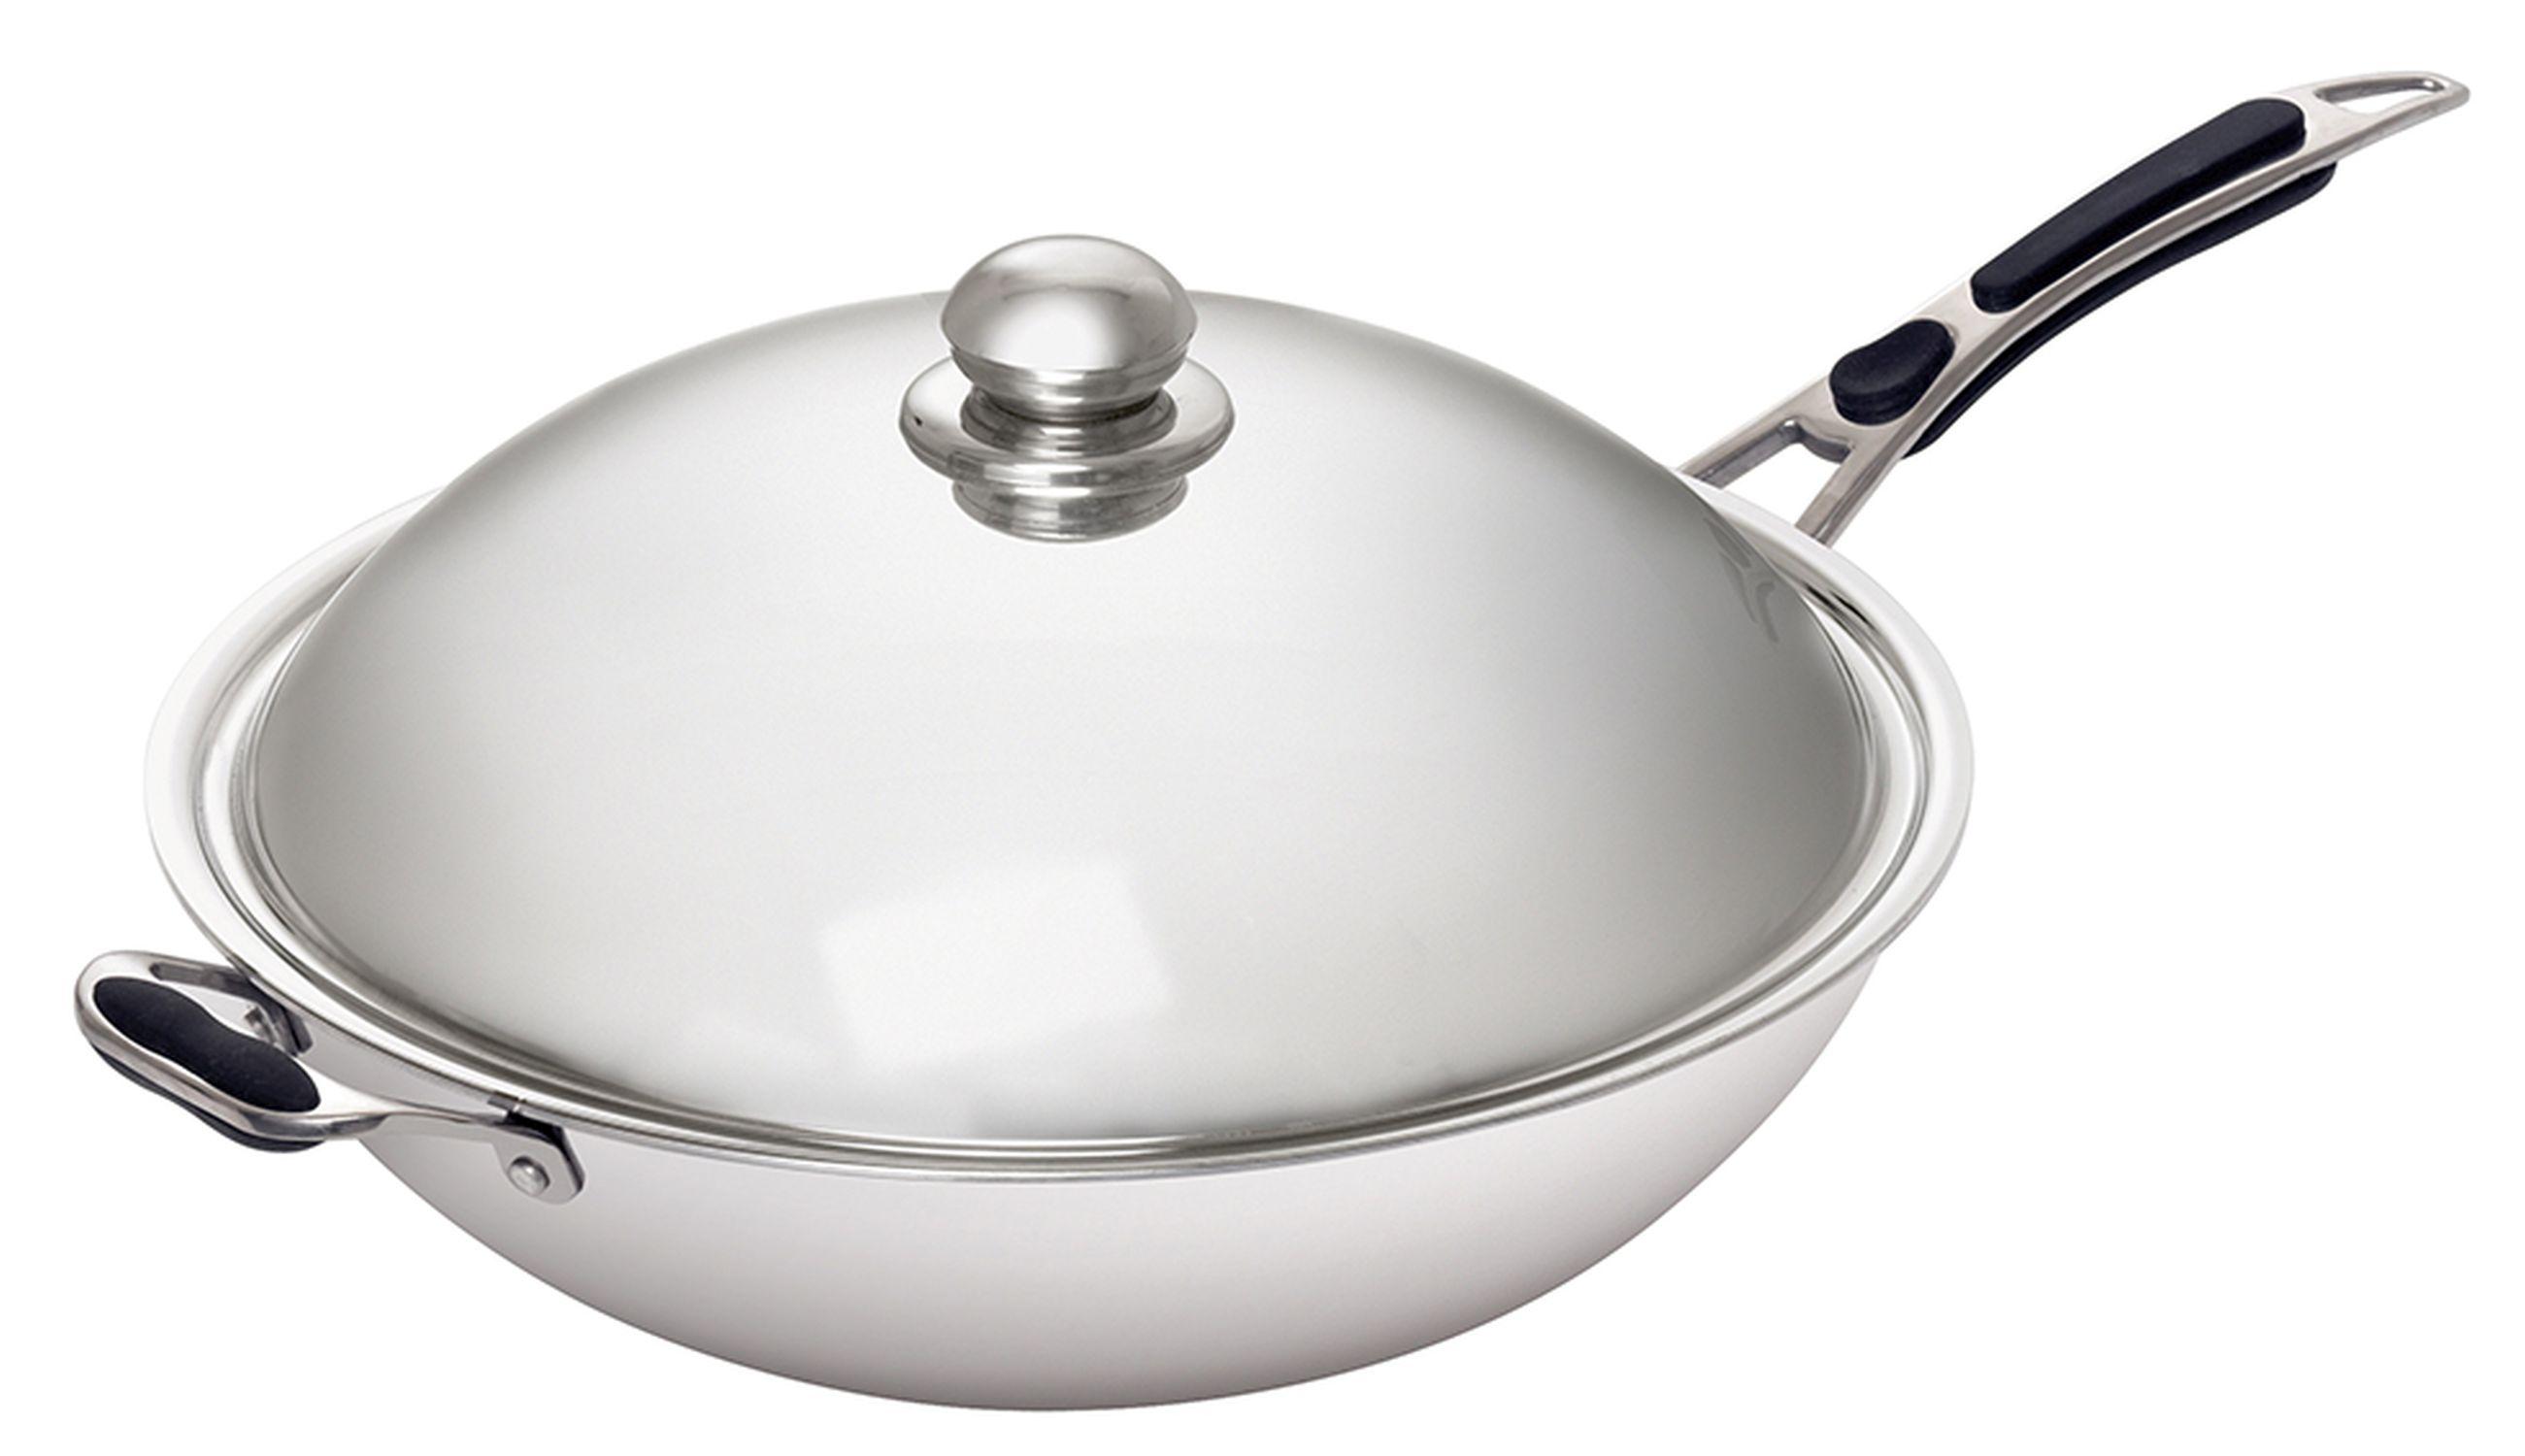 bartscher gastro digital wok set induktion wok pfanne induktionskocher neu gastro. Black Bedroom Furniture Sets. Home Design Ideas